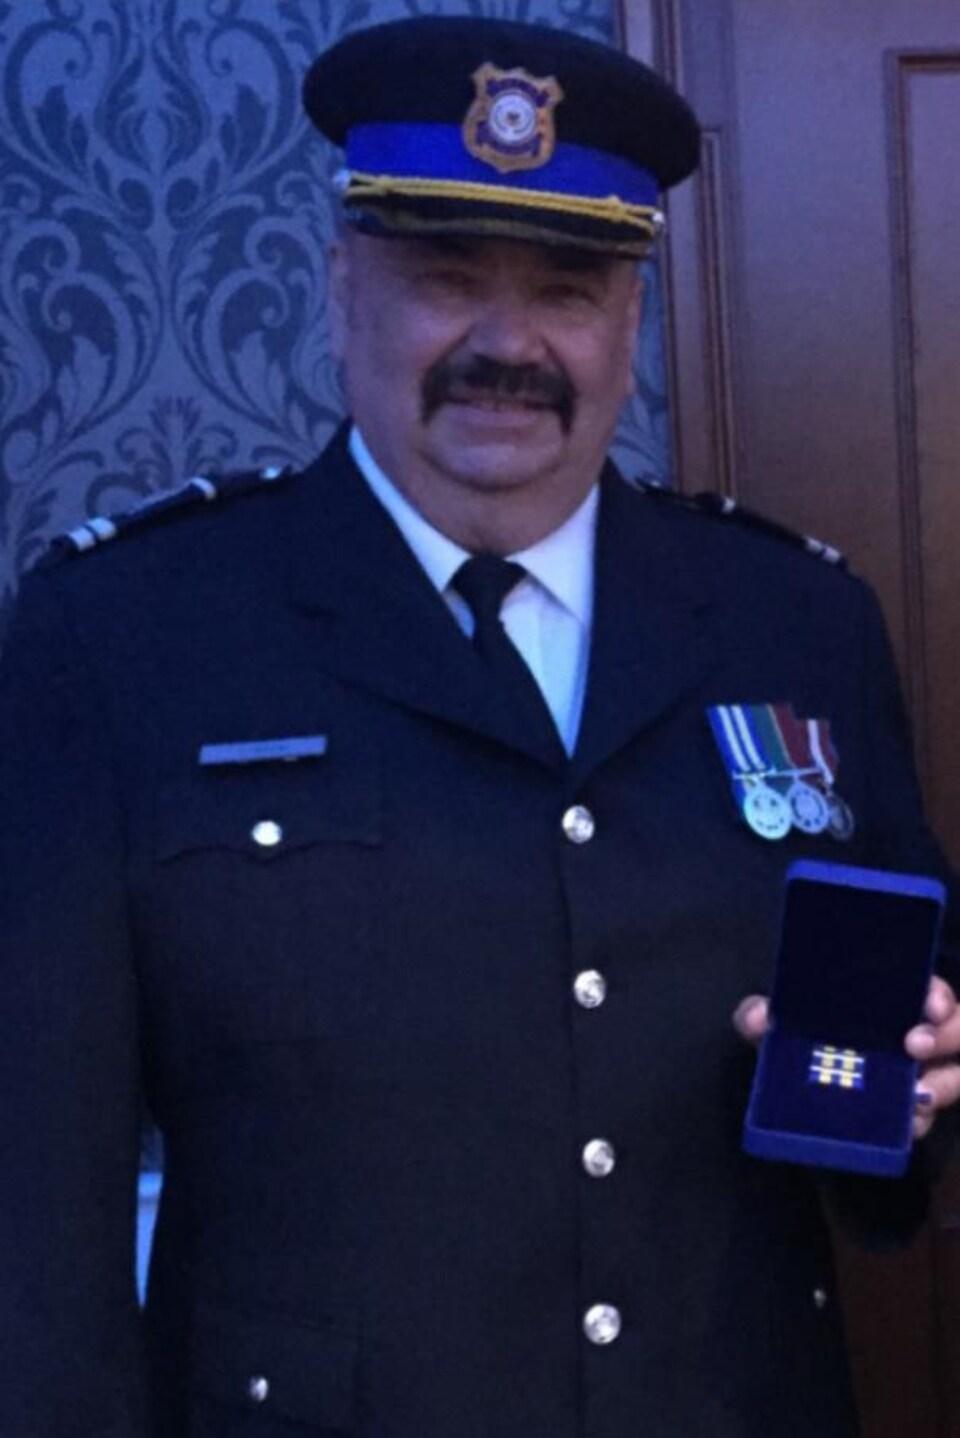 Floyd McBride pose en uniforme, une médaille dans un boîtier à la main.